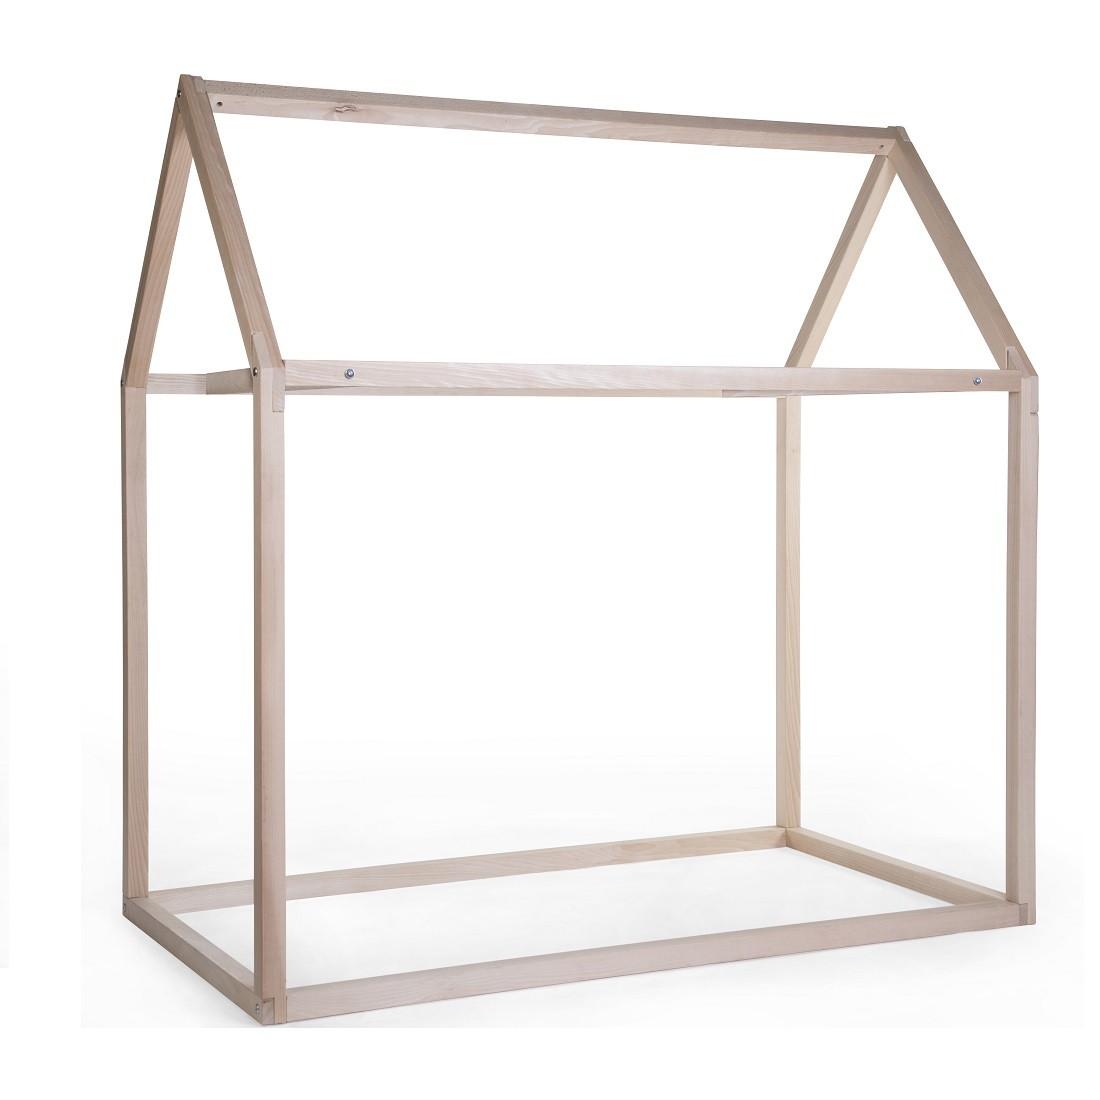 cadre en bois - lit maison 90 x 200